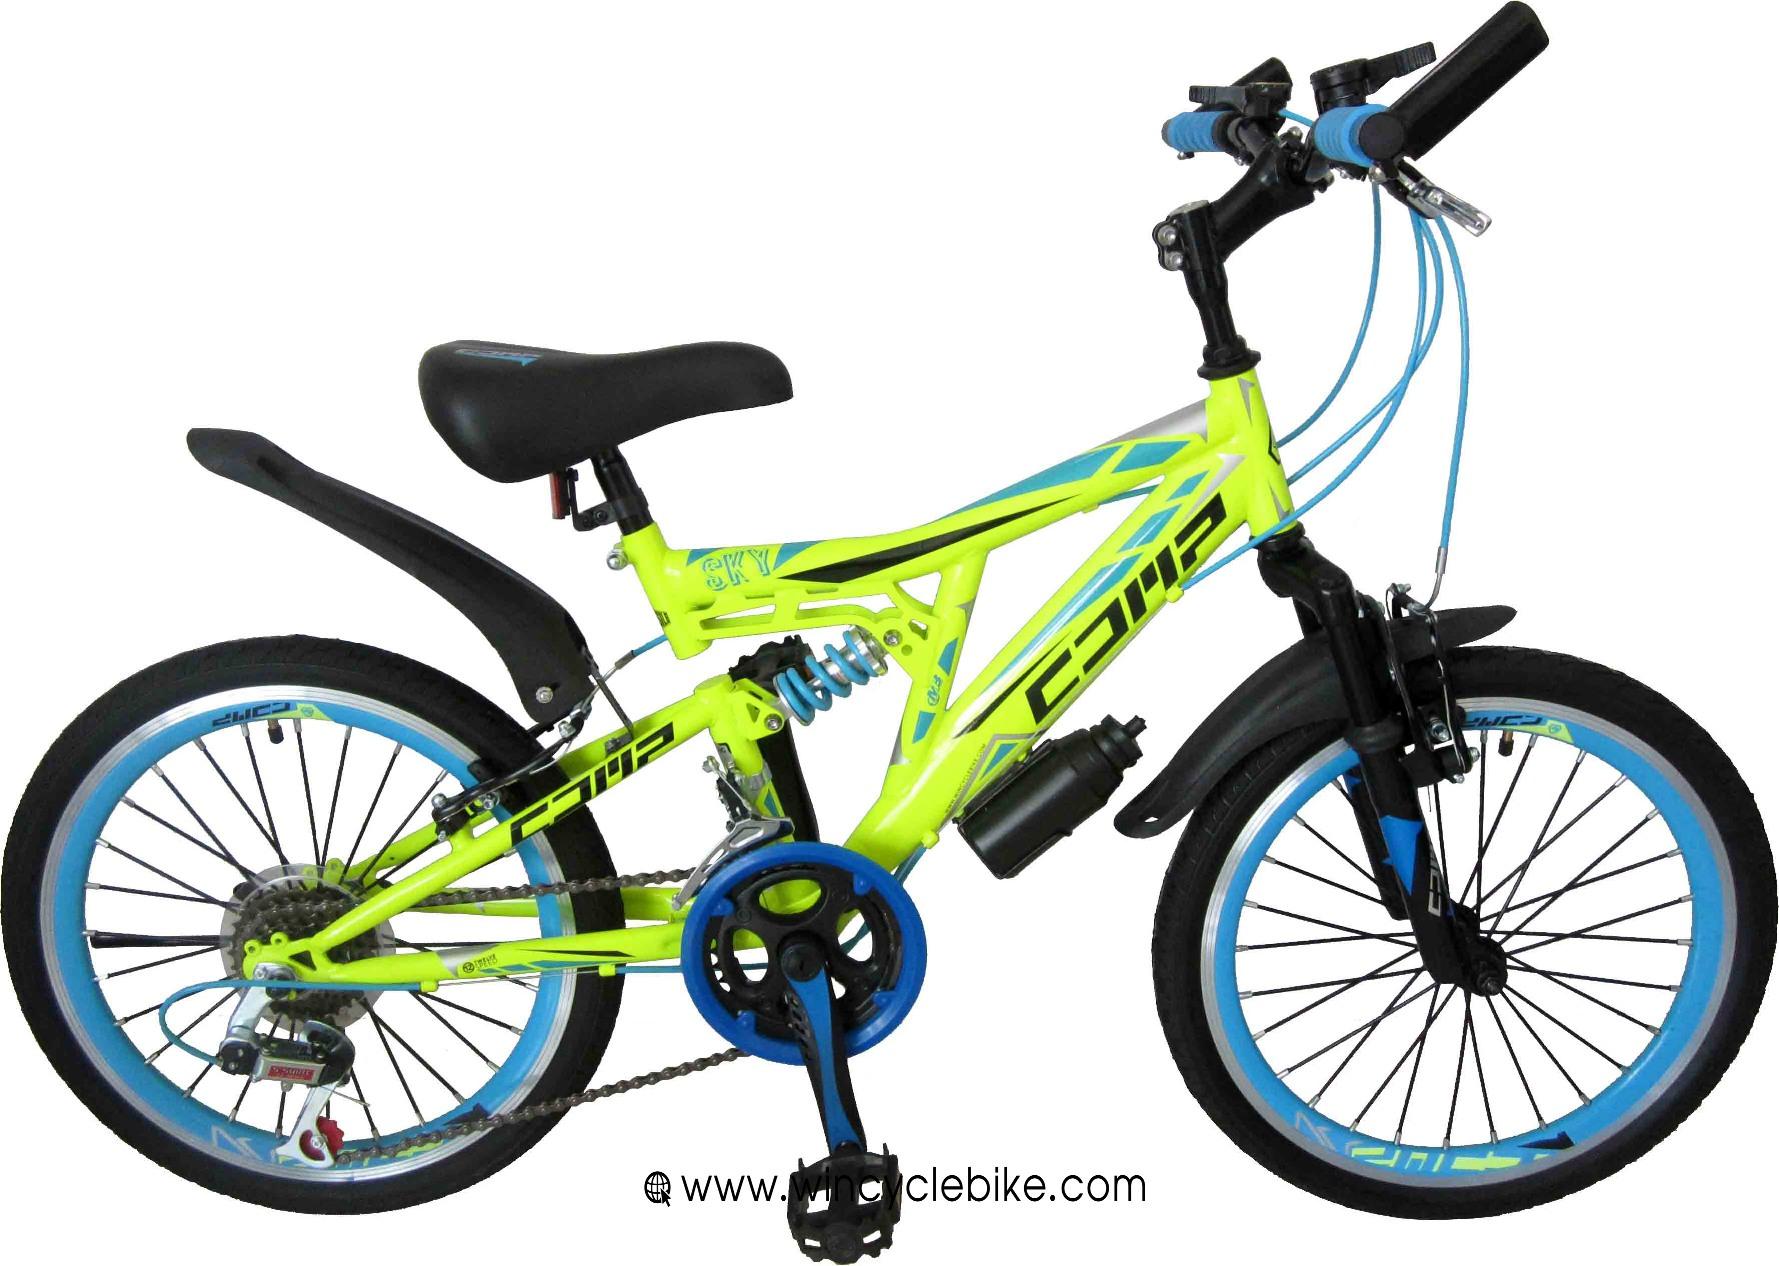 จักรยานเด็ก COMP SKY ล้อ 20 นิ้ว 12 สปีด เหล็ก